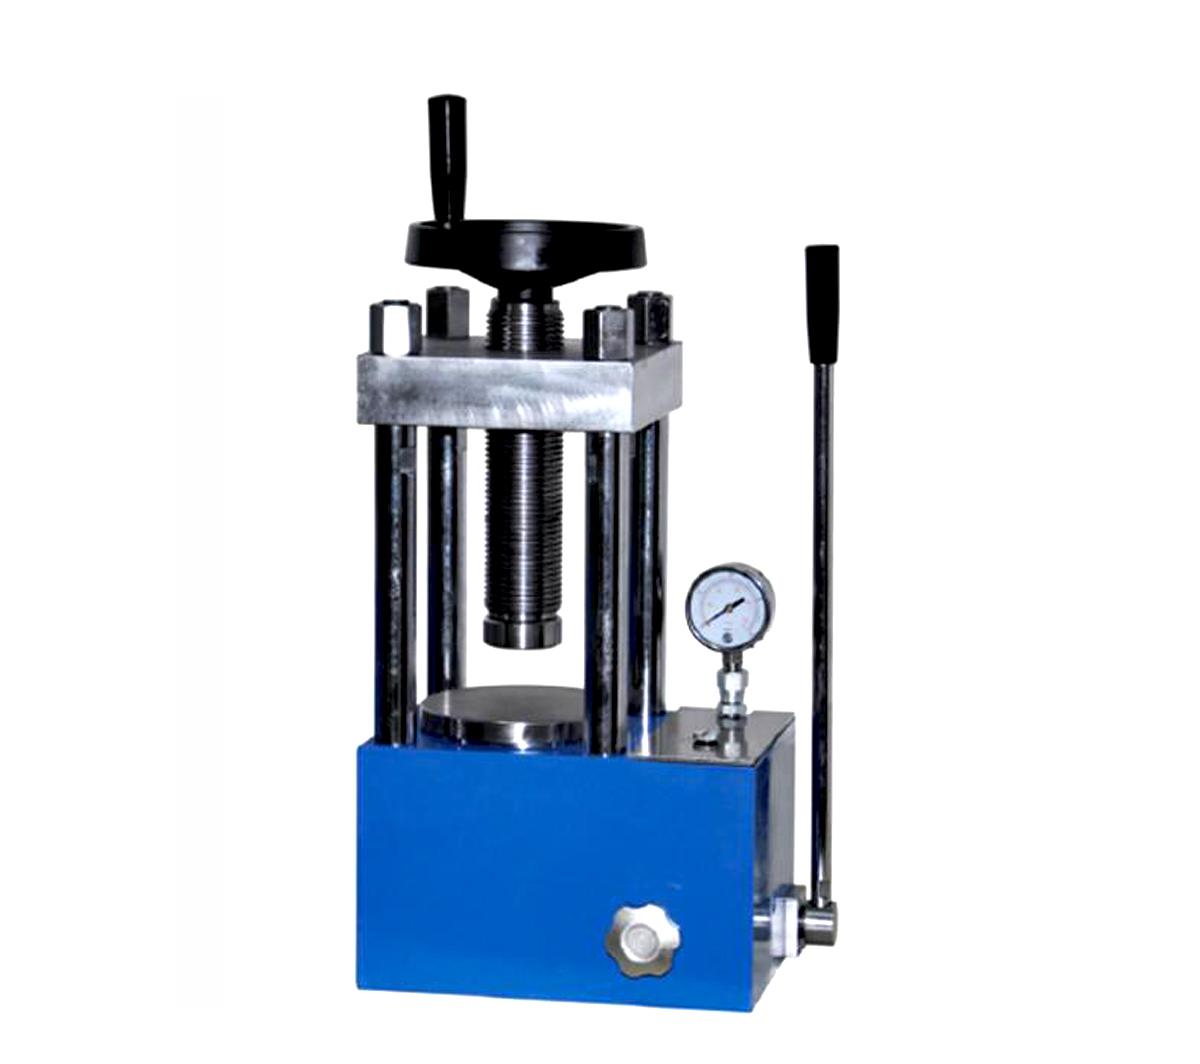 40T Manual Powder Hydraulic Press for laboratory CY-PC-40